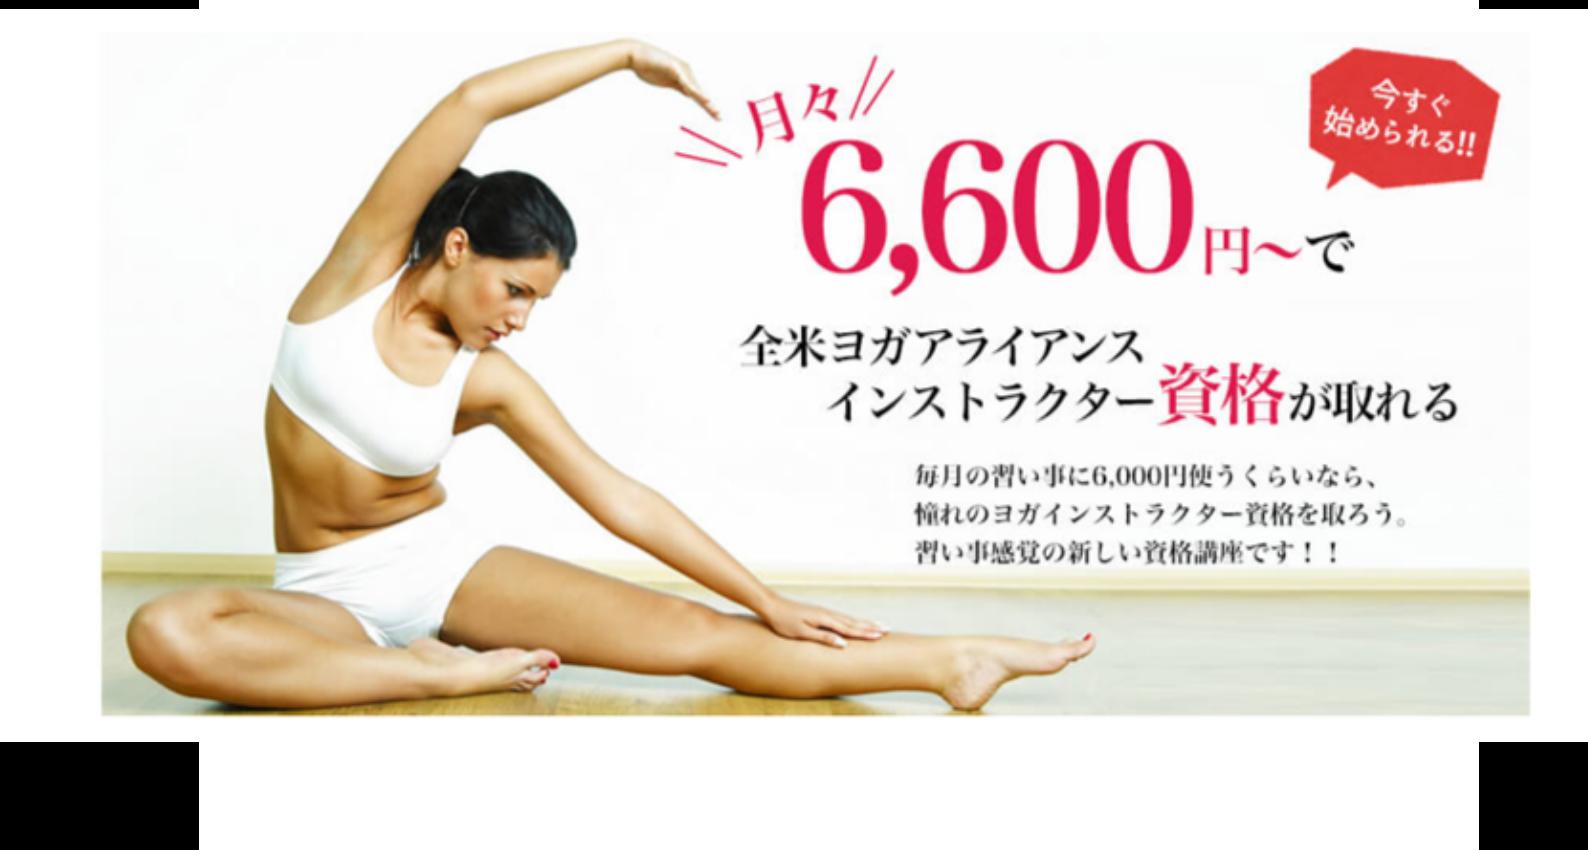 ヨガポーズを練習する女性